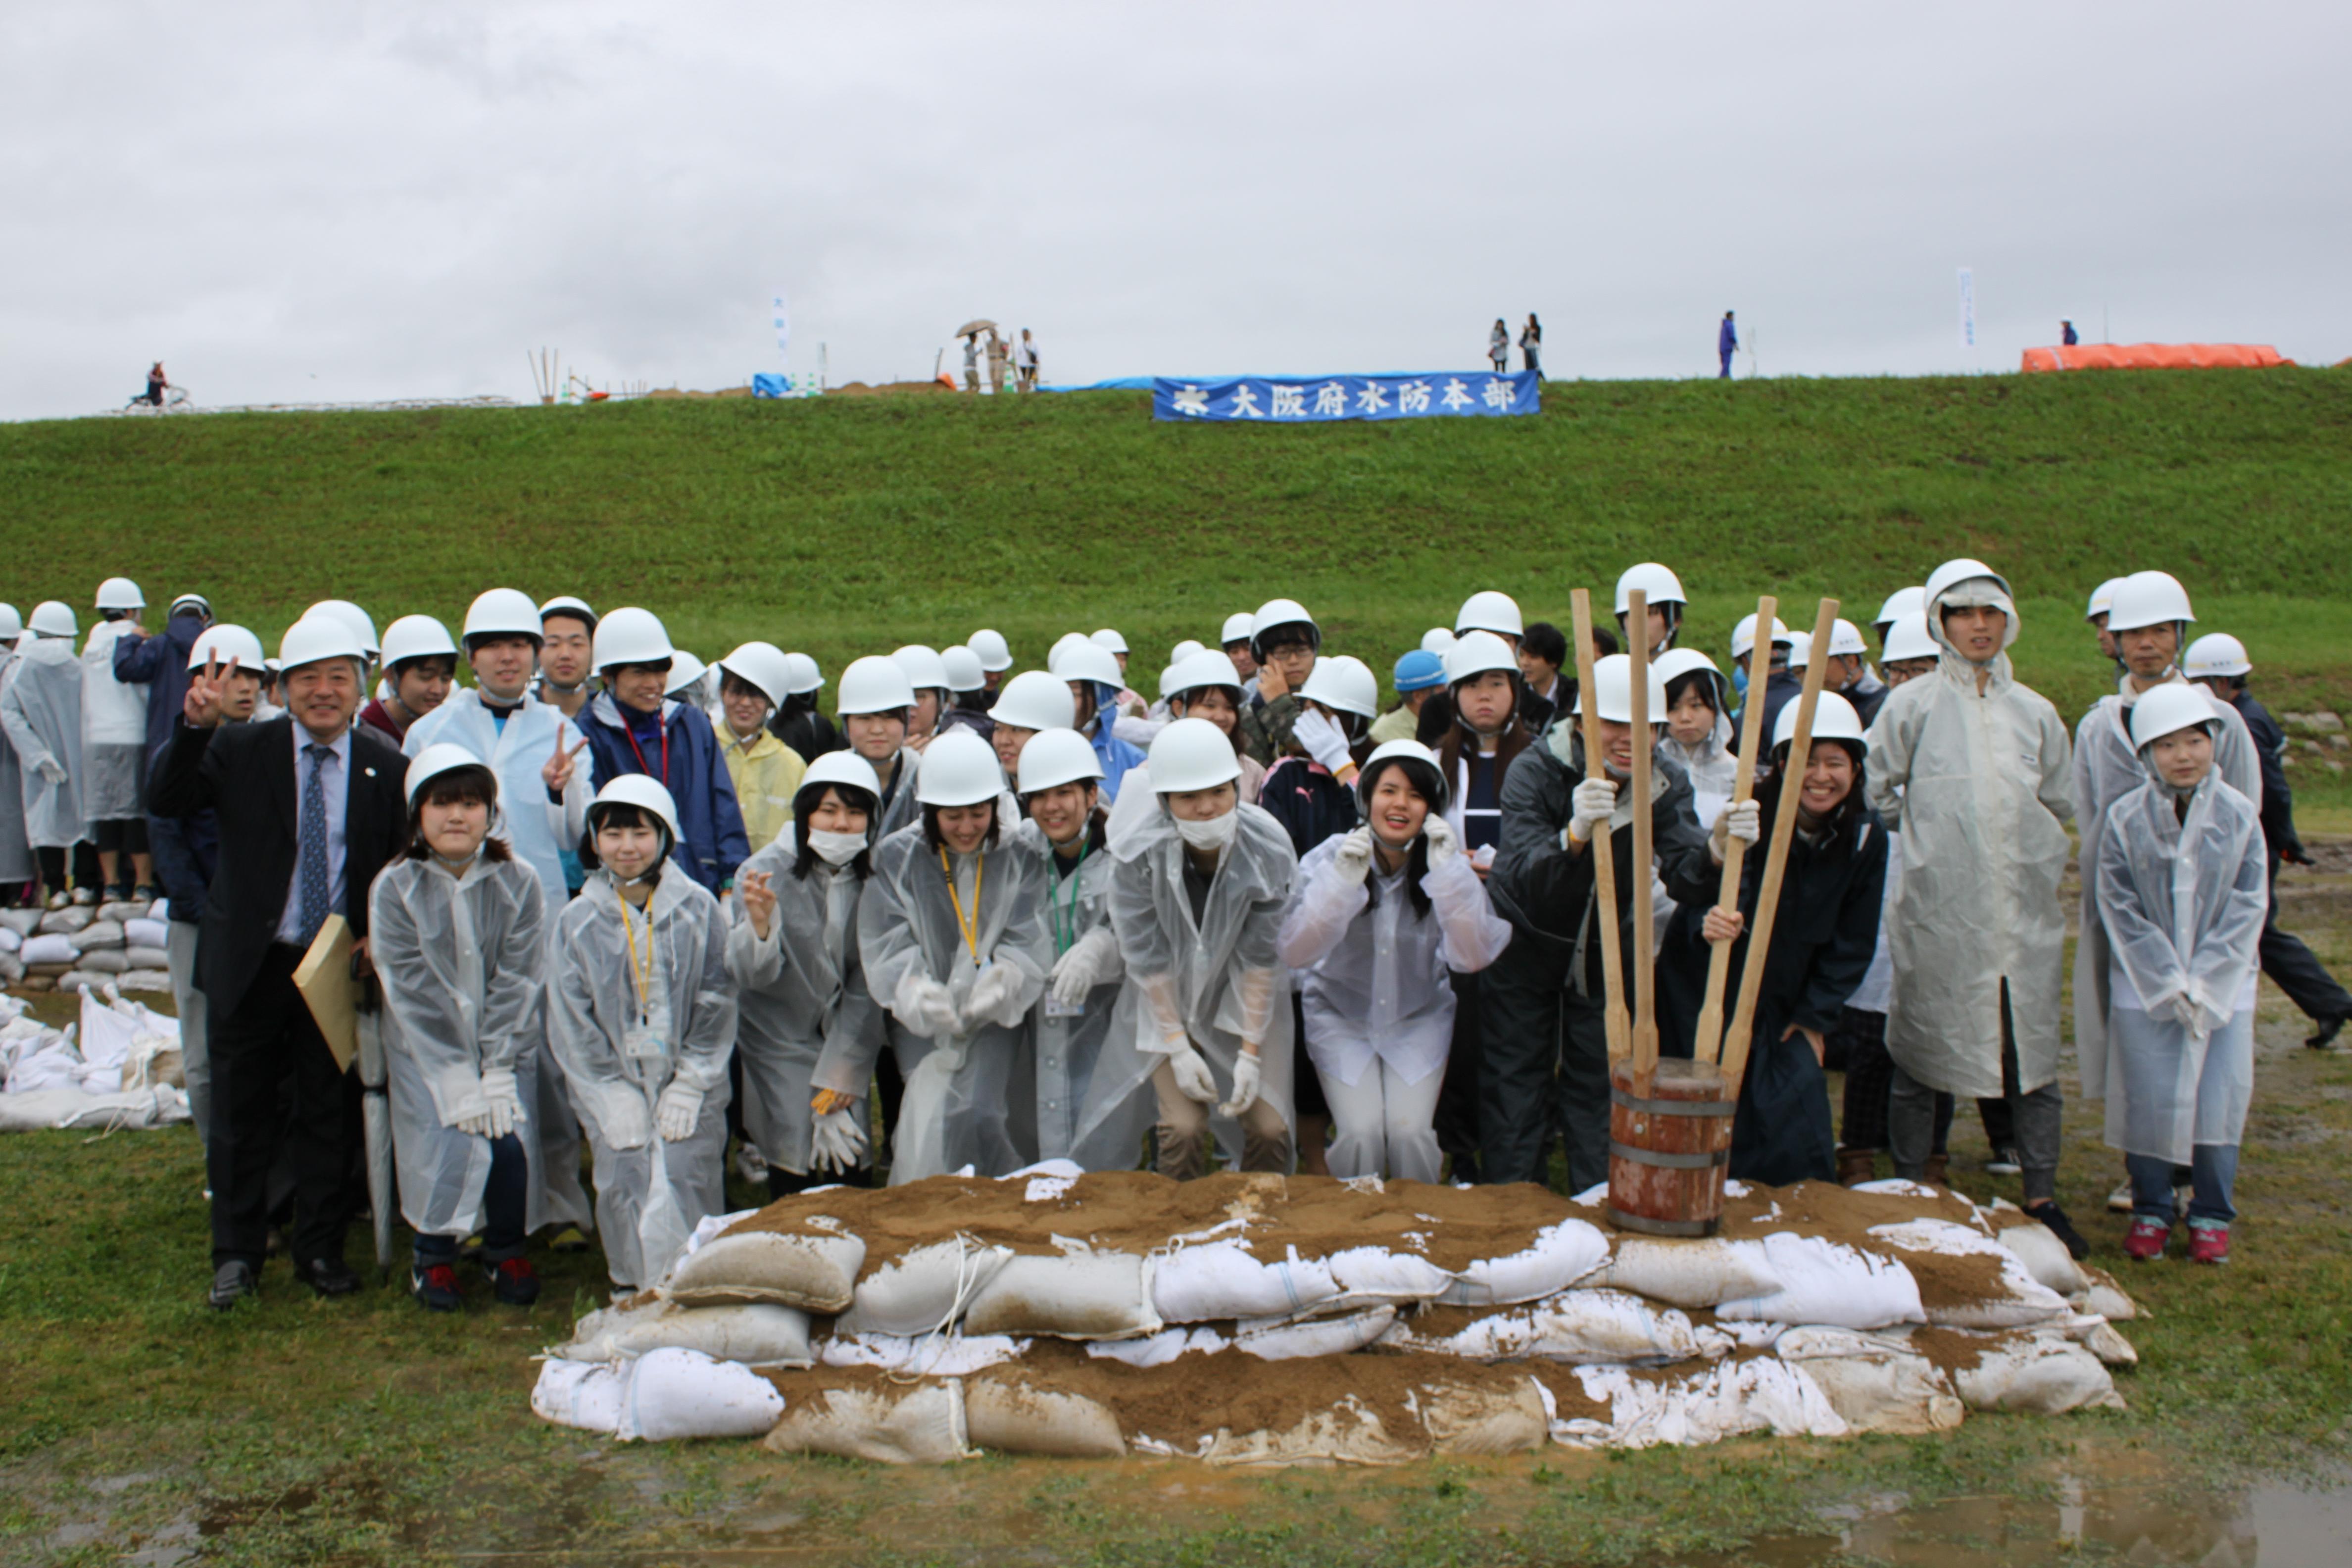 大和川水防・大阪府地域防災総合演習に参加しました